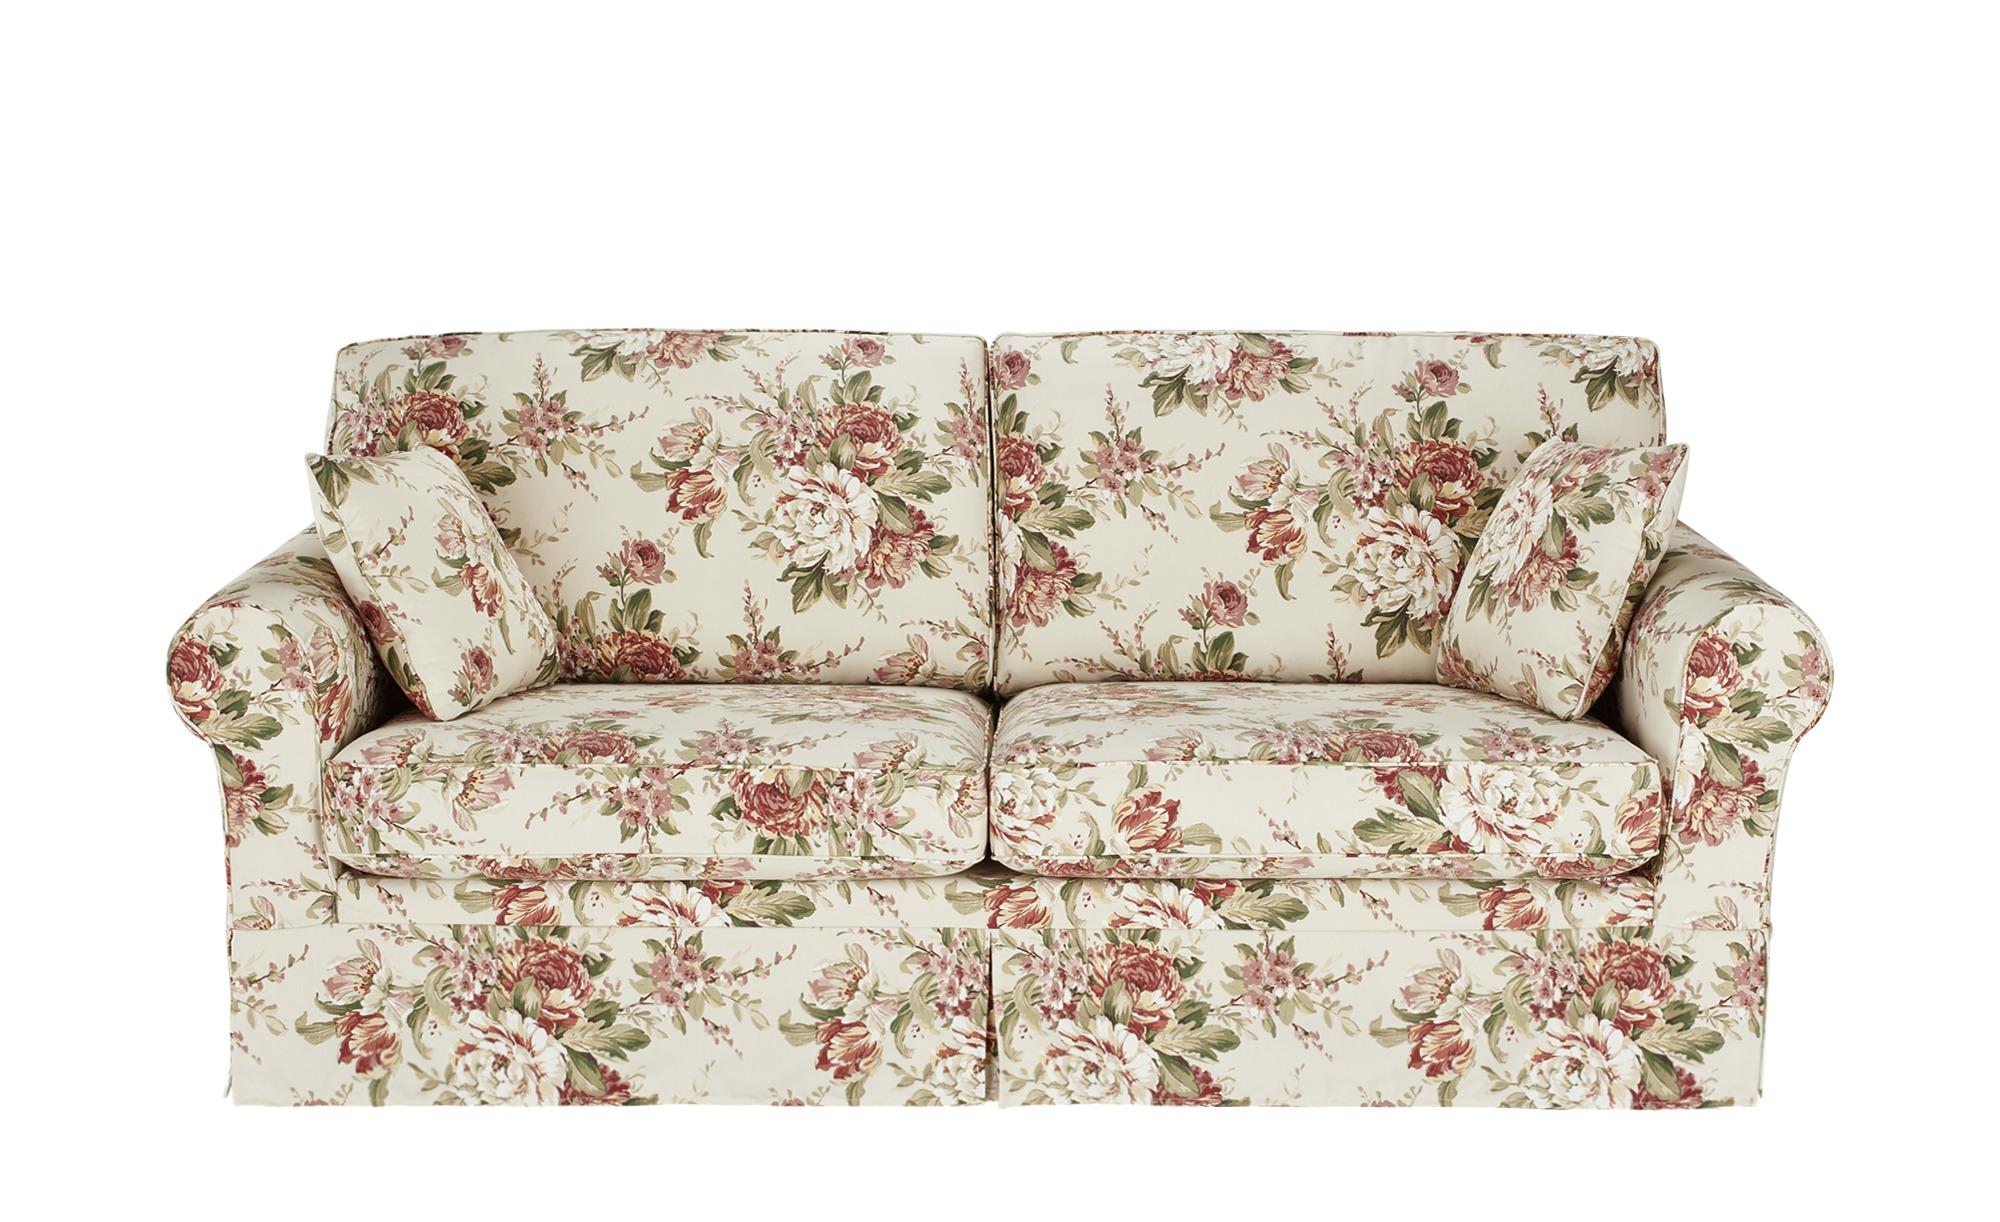 SOHO Sofa 3-sitzig mit Husse creme/rosa - Webstoff Chaneel ¦ mehrfarbig ¦ Maße (cm): B: 212 H: 94 T: 92 Polstermöbel > Sofas > Einzelsofas - Höffner